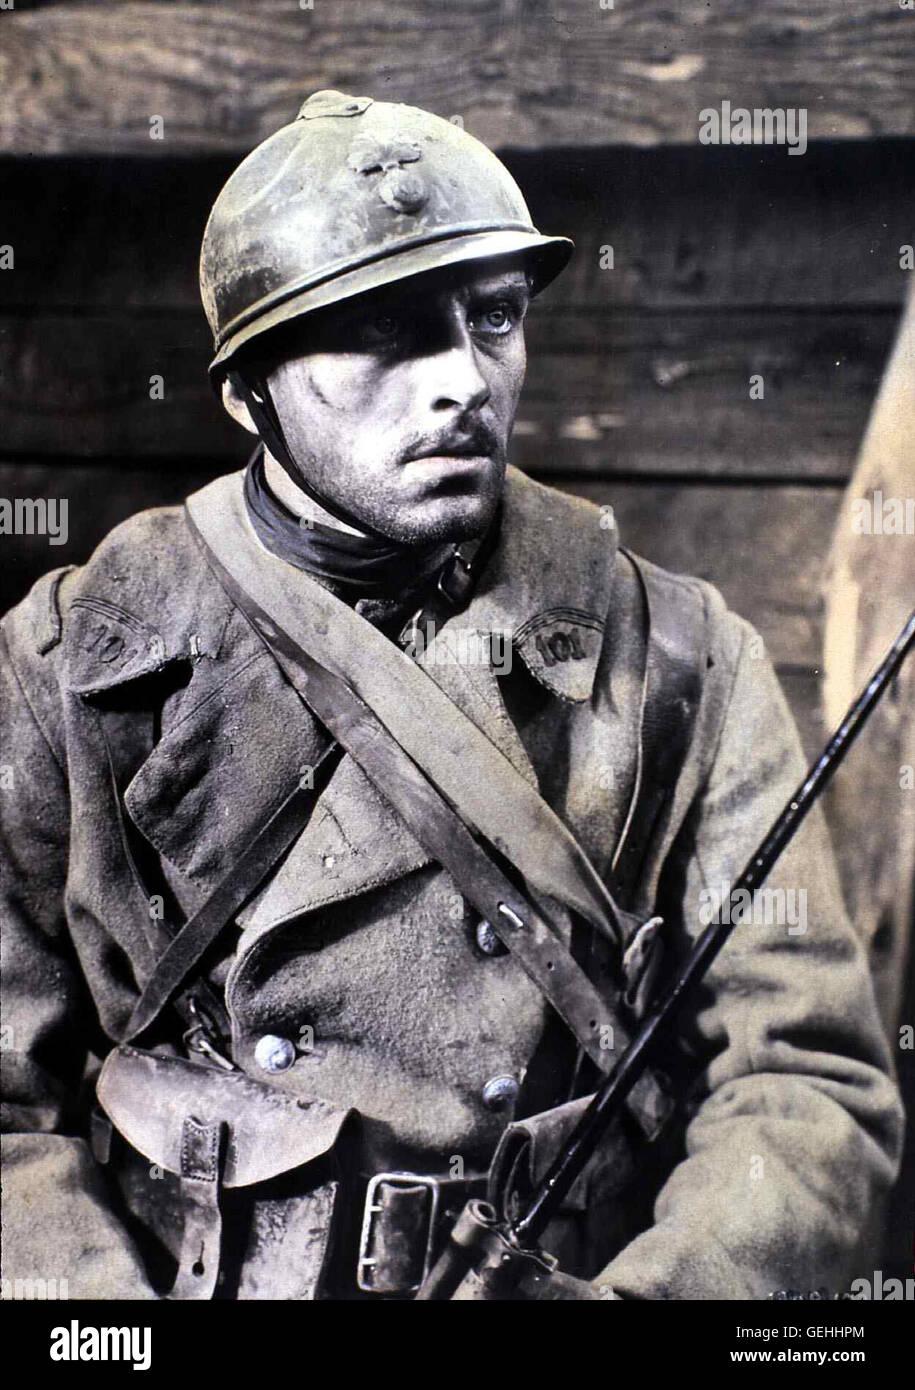 Phillips Holmes  Während des 1. Weltkrieges erlebt der Franzose Paul Renard (Phillips Homes) die letzten Minuten - Stock Image